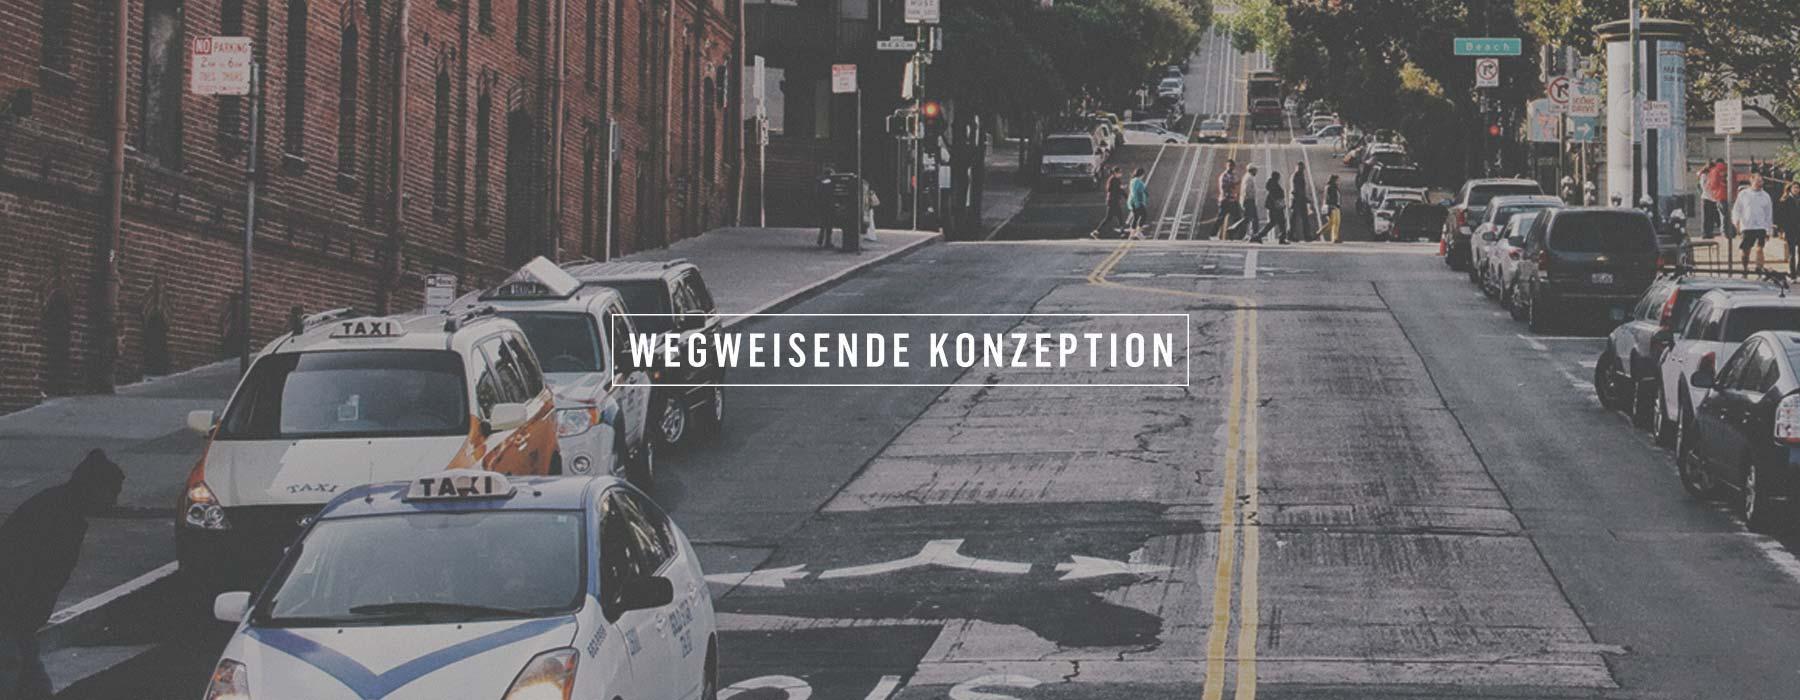 team_pera_ueber-uns_wegweisende_konzeption